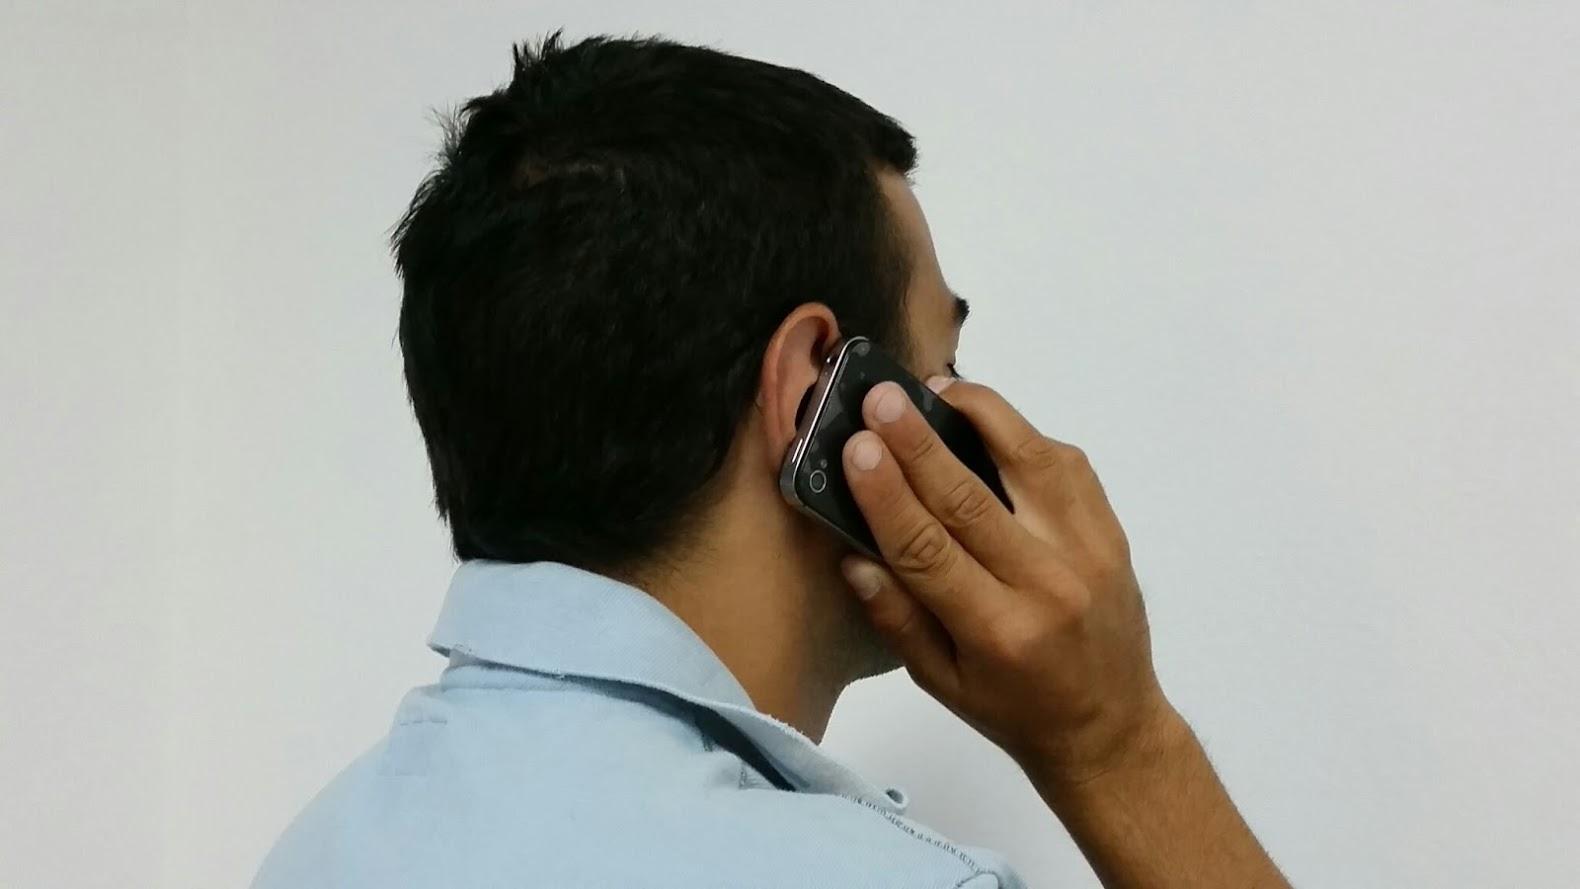 Quattro mila telefonate: preso stalker a Palma di Montechiaro